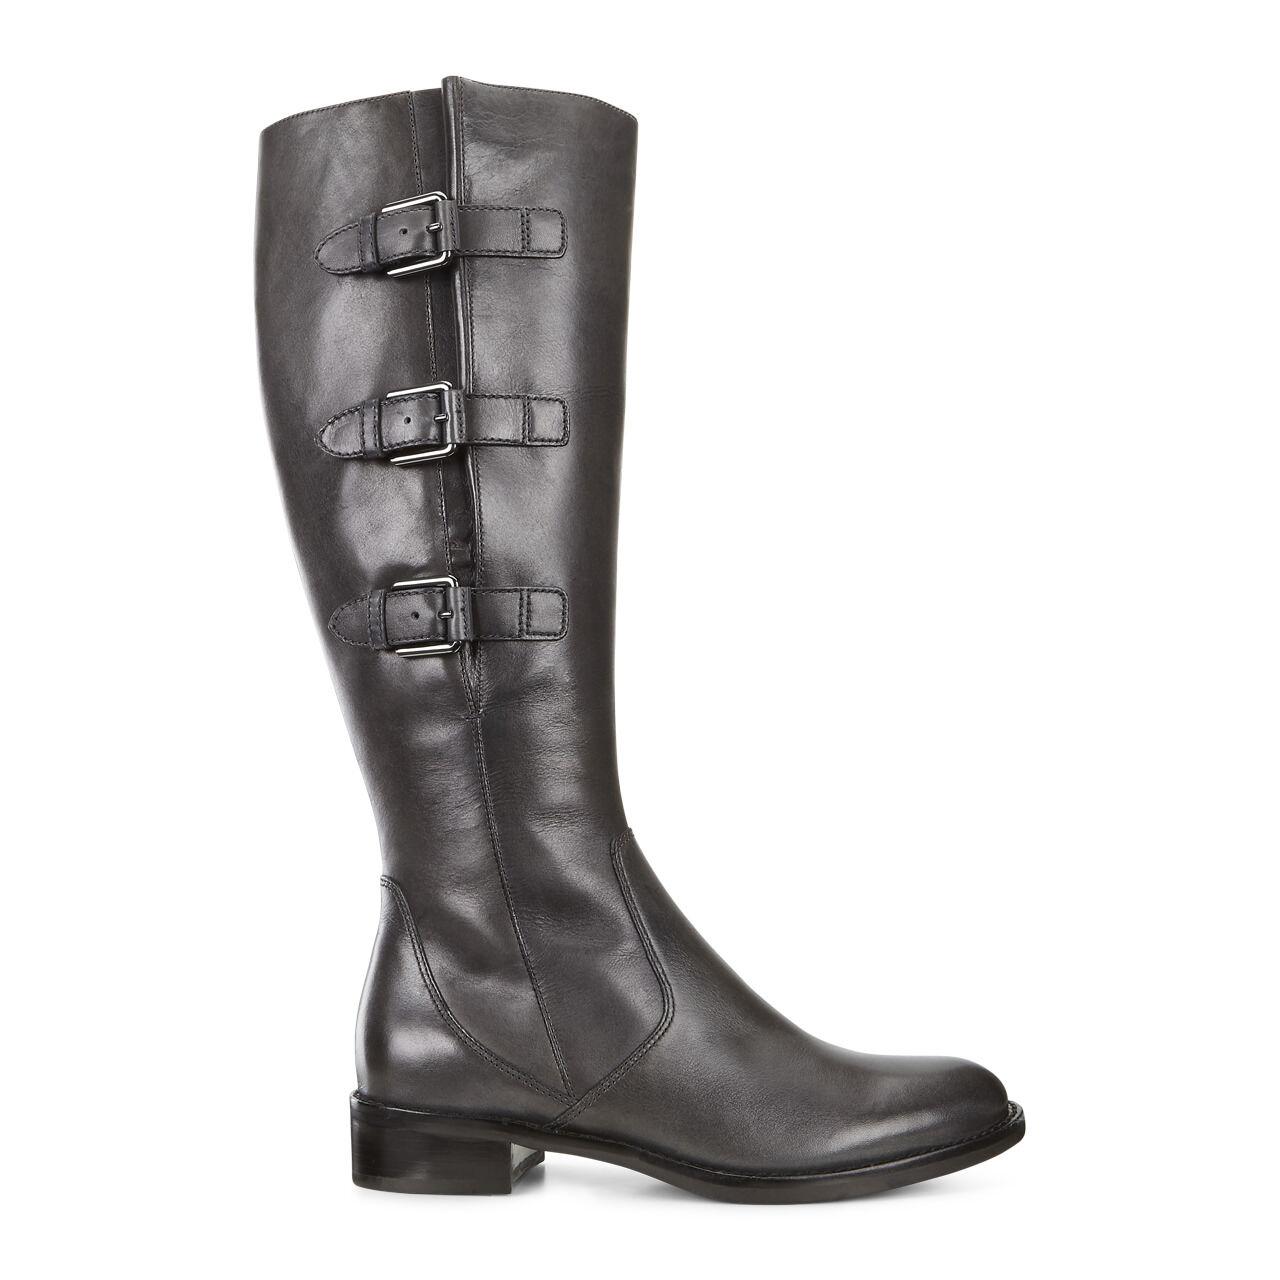 ECCO Hobart Buckle   Women's Boots   ECCO® Shoes